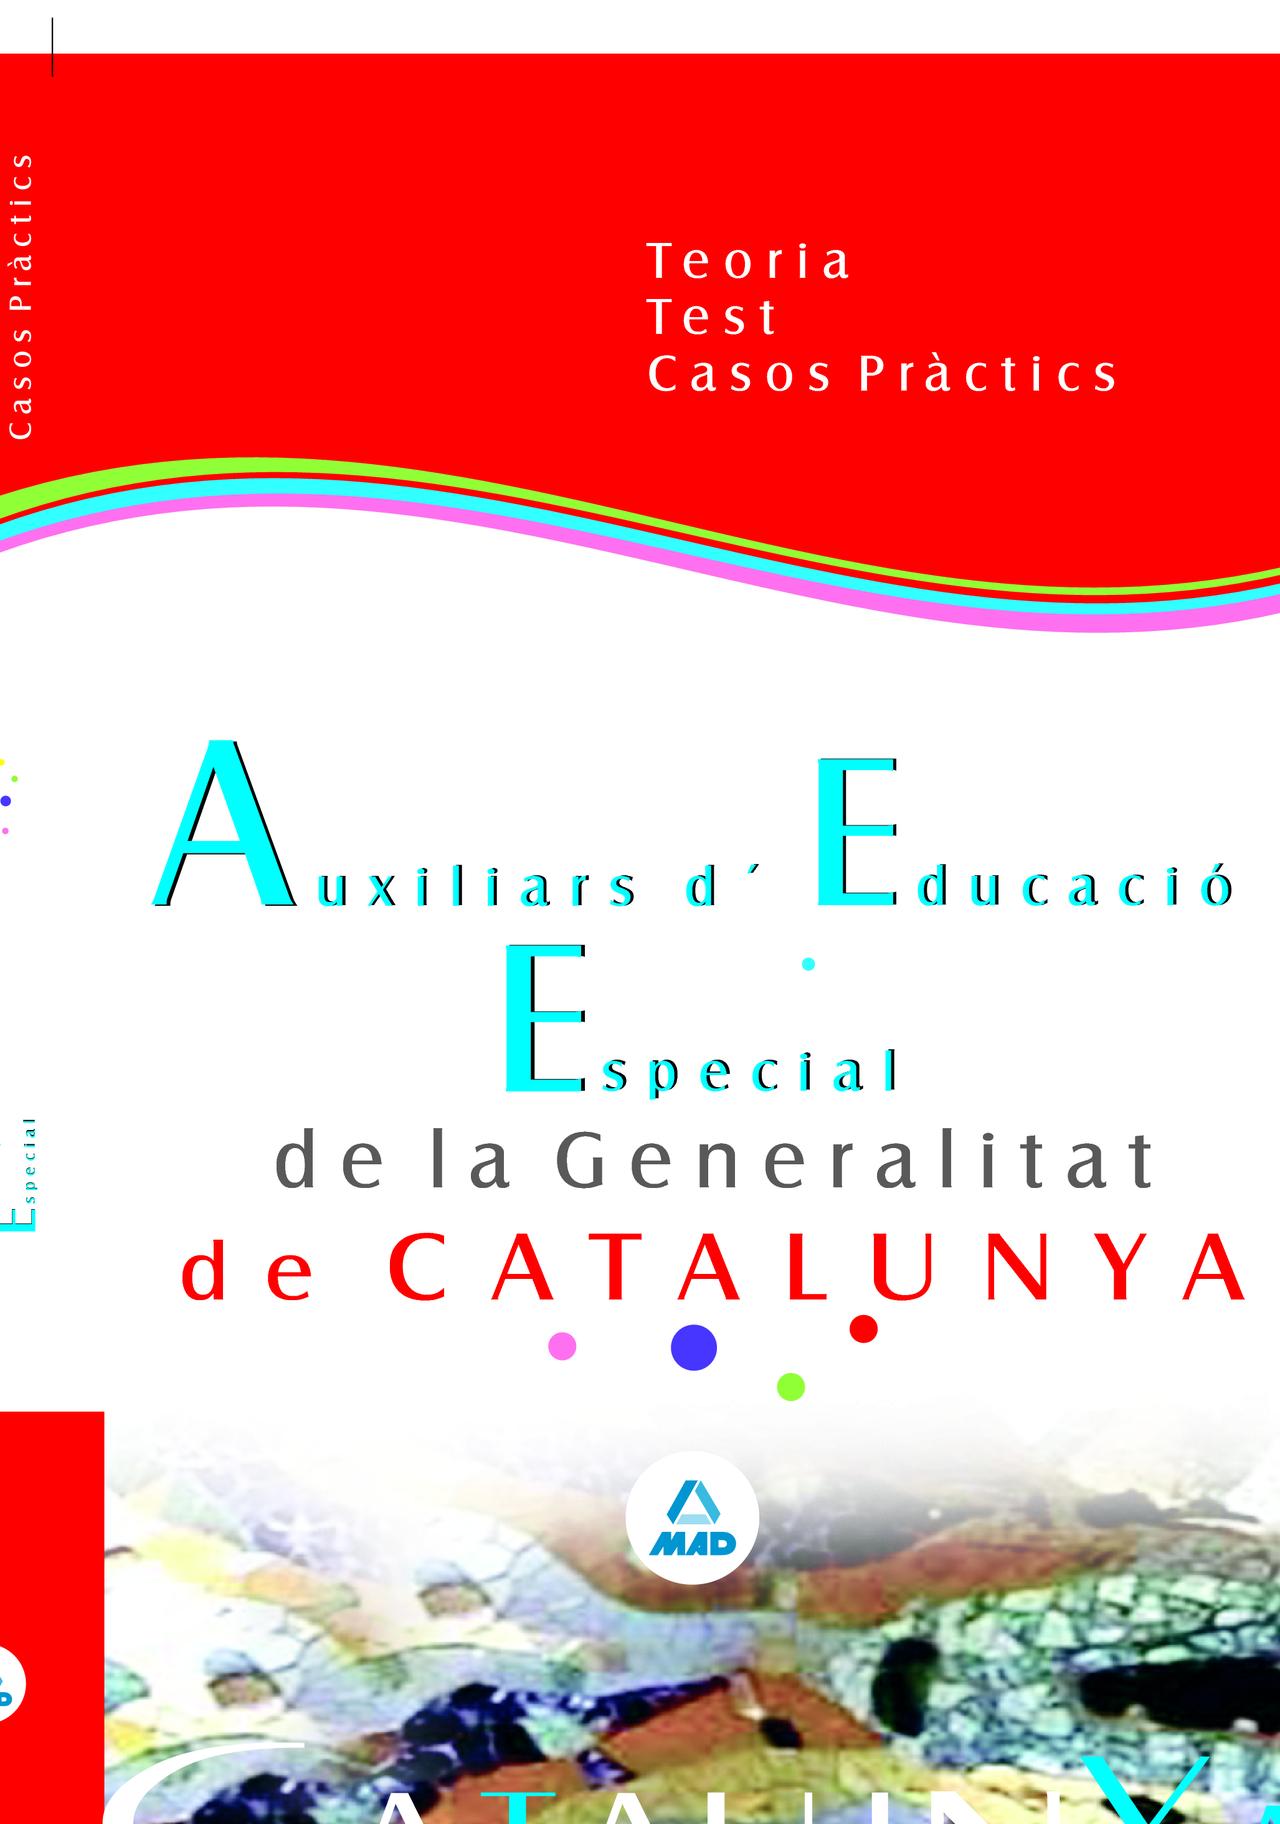 Auxiliars D Educacio Especial De La Generalitat De Catalunya: Teo Ria Test I Casos Practics por Vv.aa.